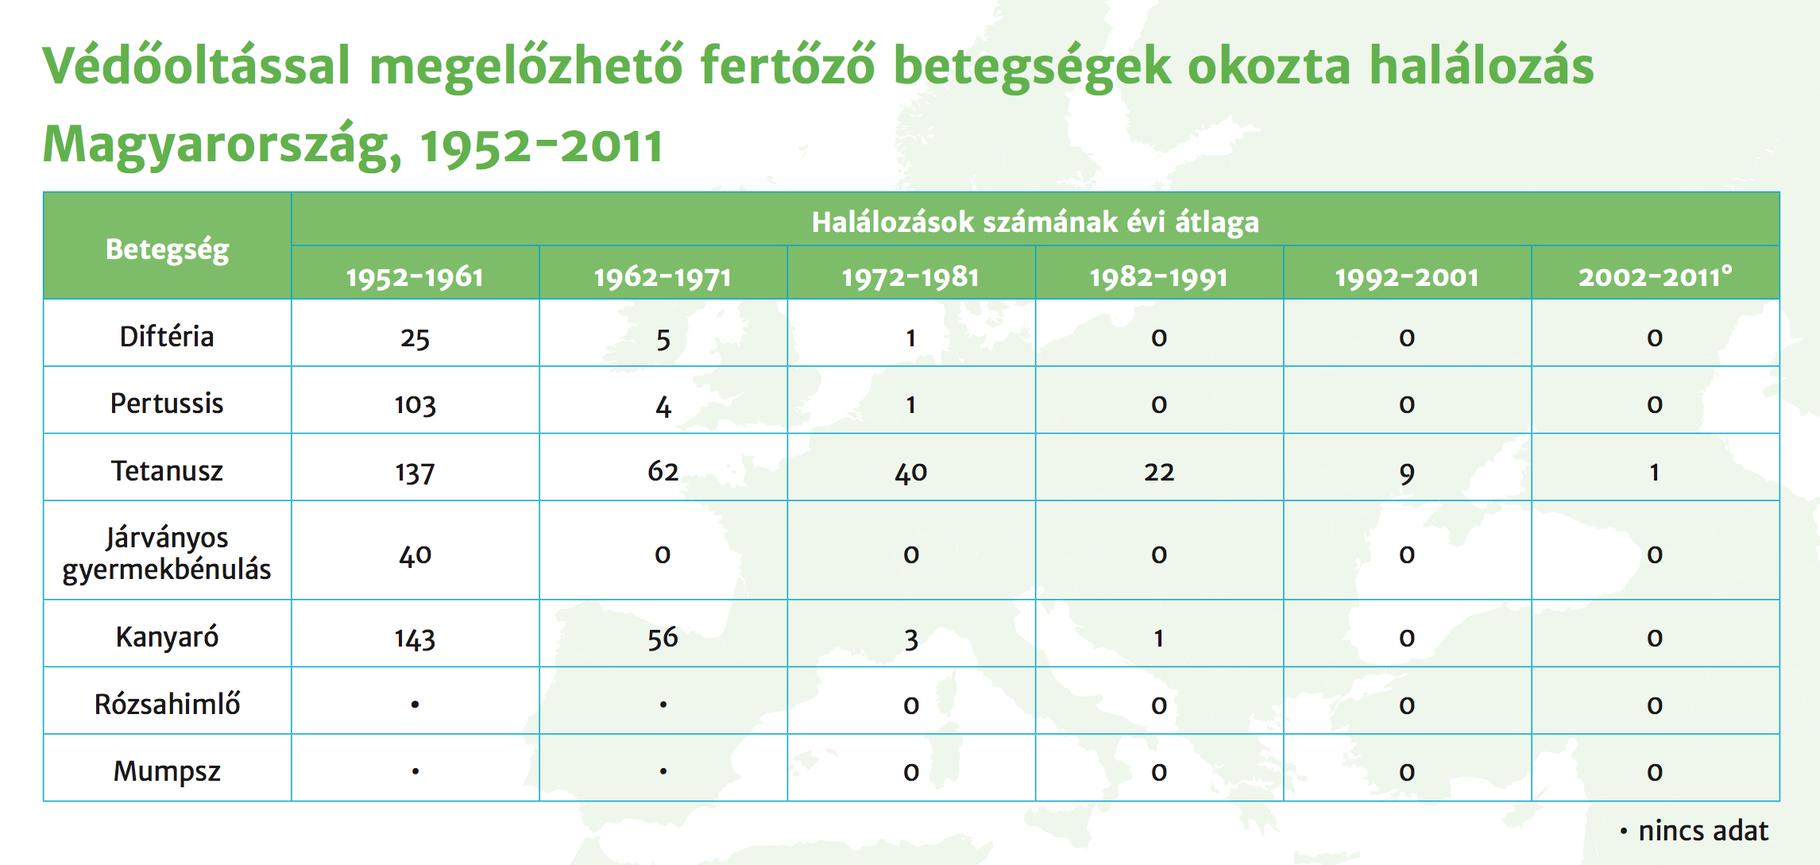 Az Országos Epidemiológiai Központ kimutatása arról, hány emberéletet köszönhetünk a védőoltásoknak (Ábra: OEK)